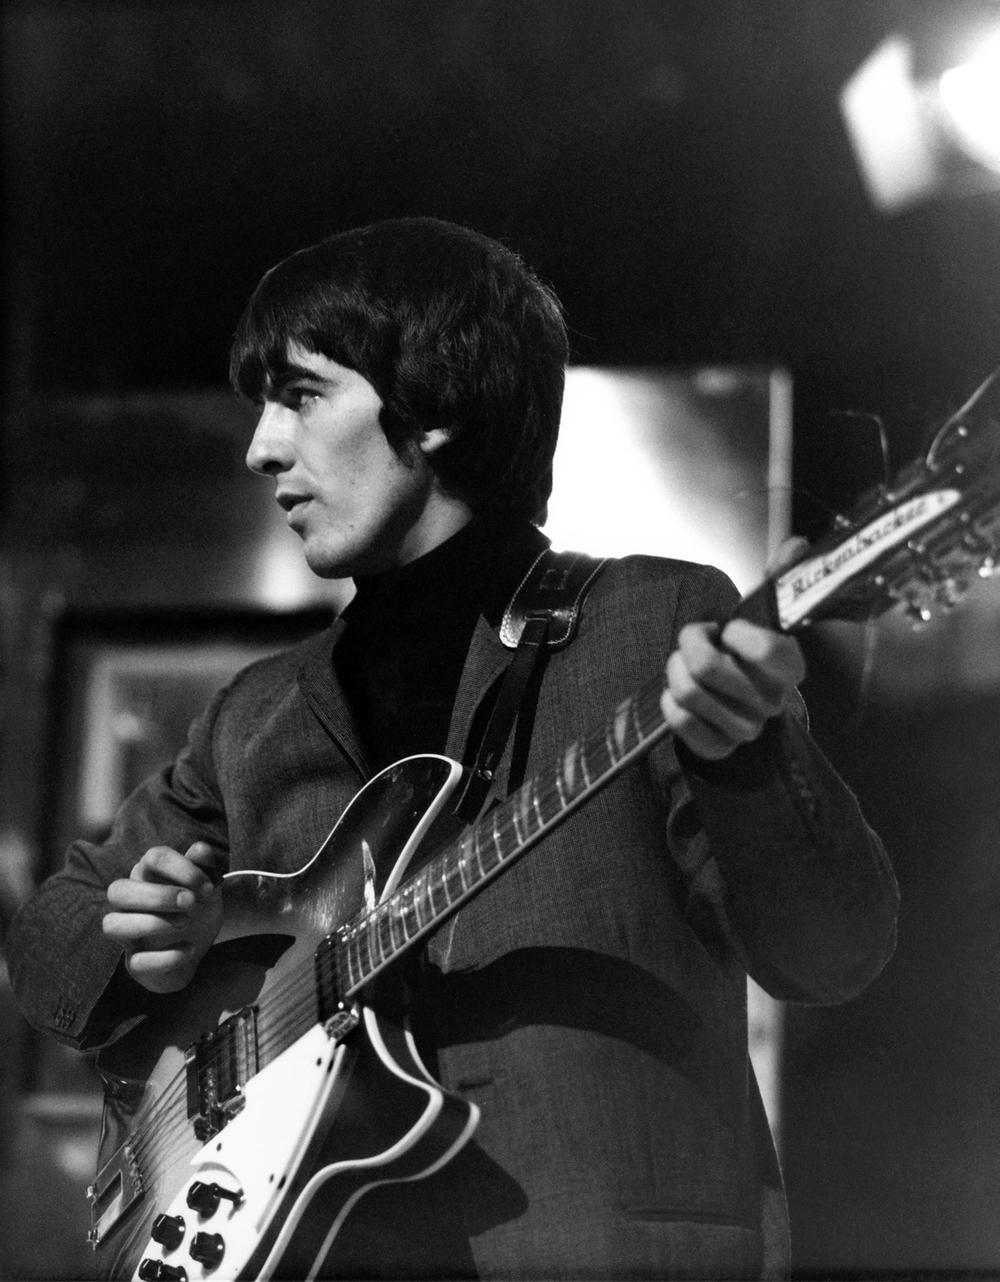 Aquele Beatle que todos adoram. O Beatle, que, ao sair dos Beatles, se revelou um músico estupendo. Um cara que encantou todo mundo com carisma, talento e músicas incríveis. George podia até não ser o cara mais elegante da música. Caras como Mick Jagger, David Bowie e até o seu grande amigo Eric Clapton se destacavam mais nesse quesito. Acontece que George, do seu próprio jeito, influenciou muita gente. Desde a adolescência, na versão motoqueiro, passando pelos anos de ouro, com ternos e gravatas impecáveis até a sua fase esotérica. George foi um símbolo da geração hippie e até hoje, quando completaria 72 anos, influencia homens, mulheres, jovens, velhos e tudo mais com tudo isso aí que a gente já falou. A saudade é grande, mas o legado é maior ainda.